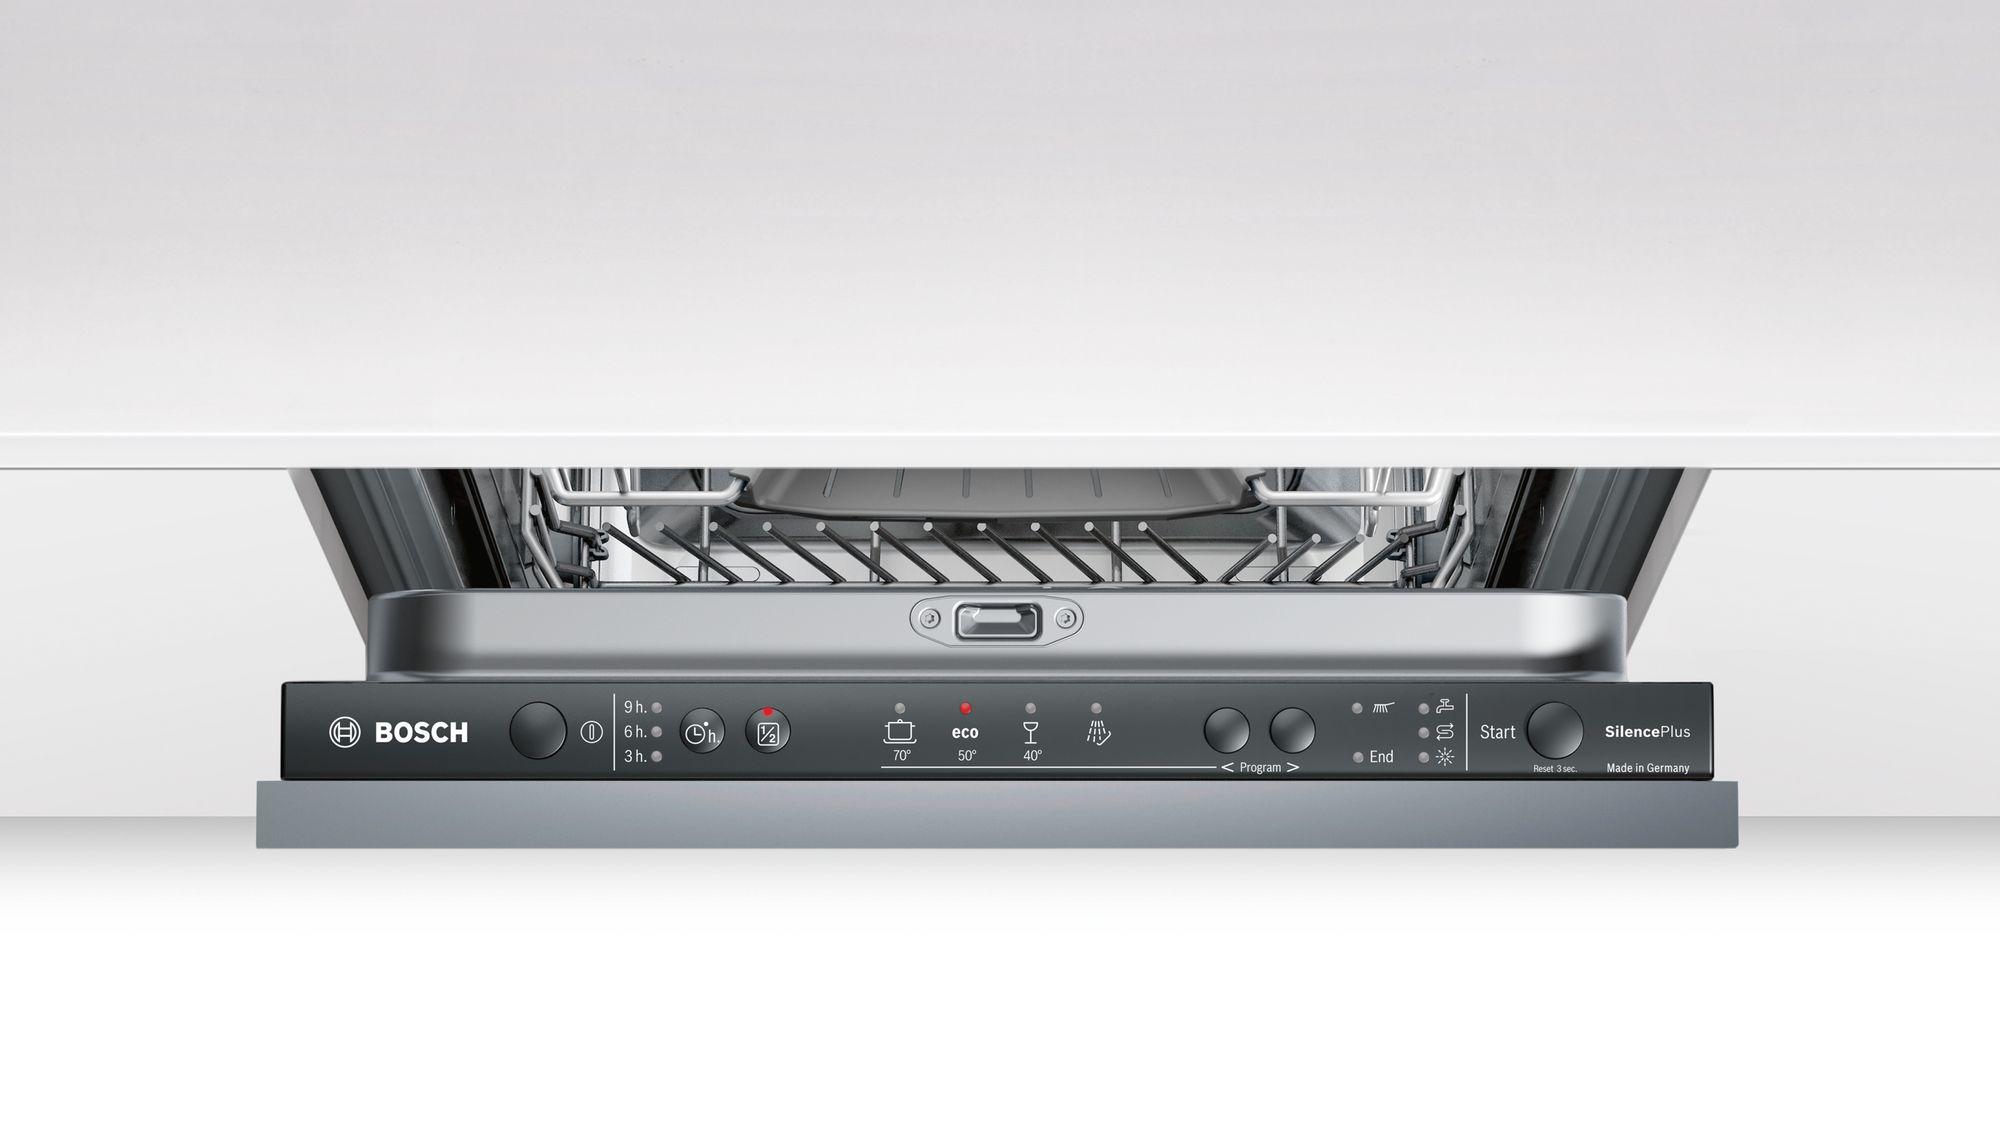 Посудомоечная машина bosch serie 2 smv 23ax00 r: отзывы и обзор